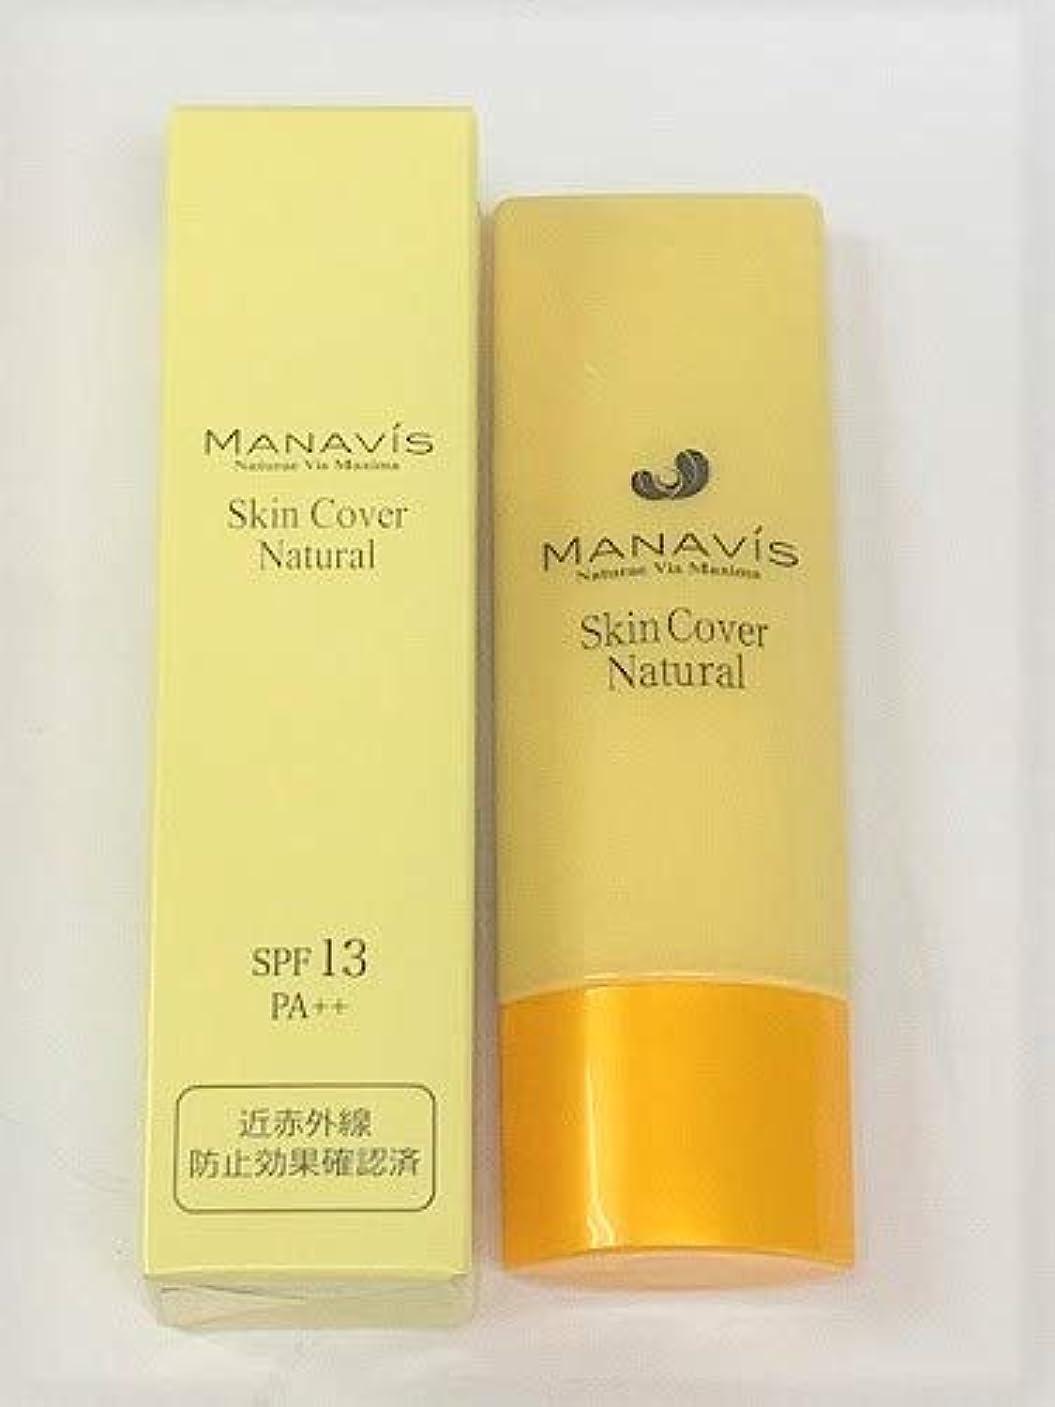 帳面非効率的な国内のMANAVIS マナビス化粧品 スキンカバー ナチュラル (日中用化粧液) SPF13 PA++ 30g 172